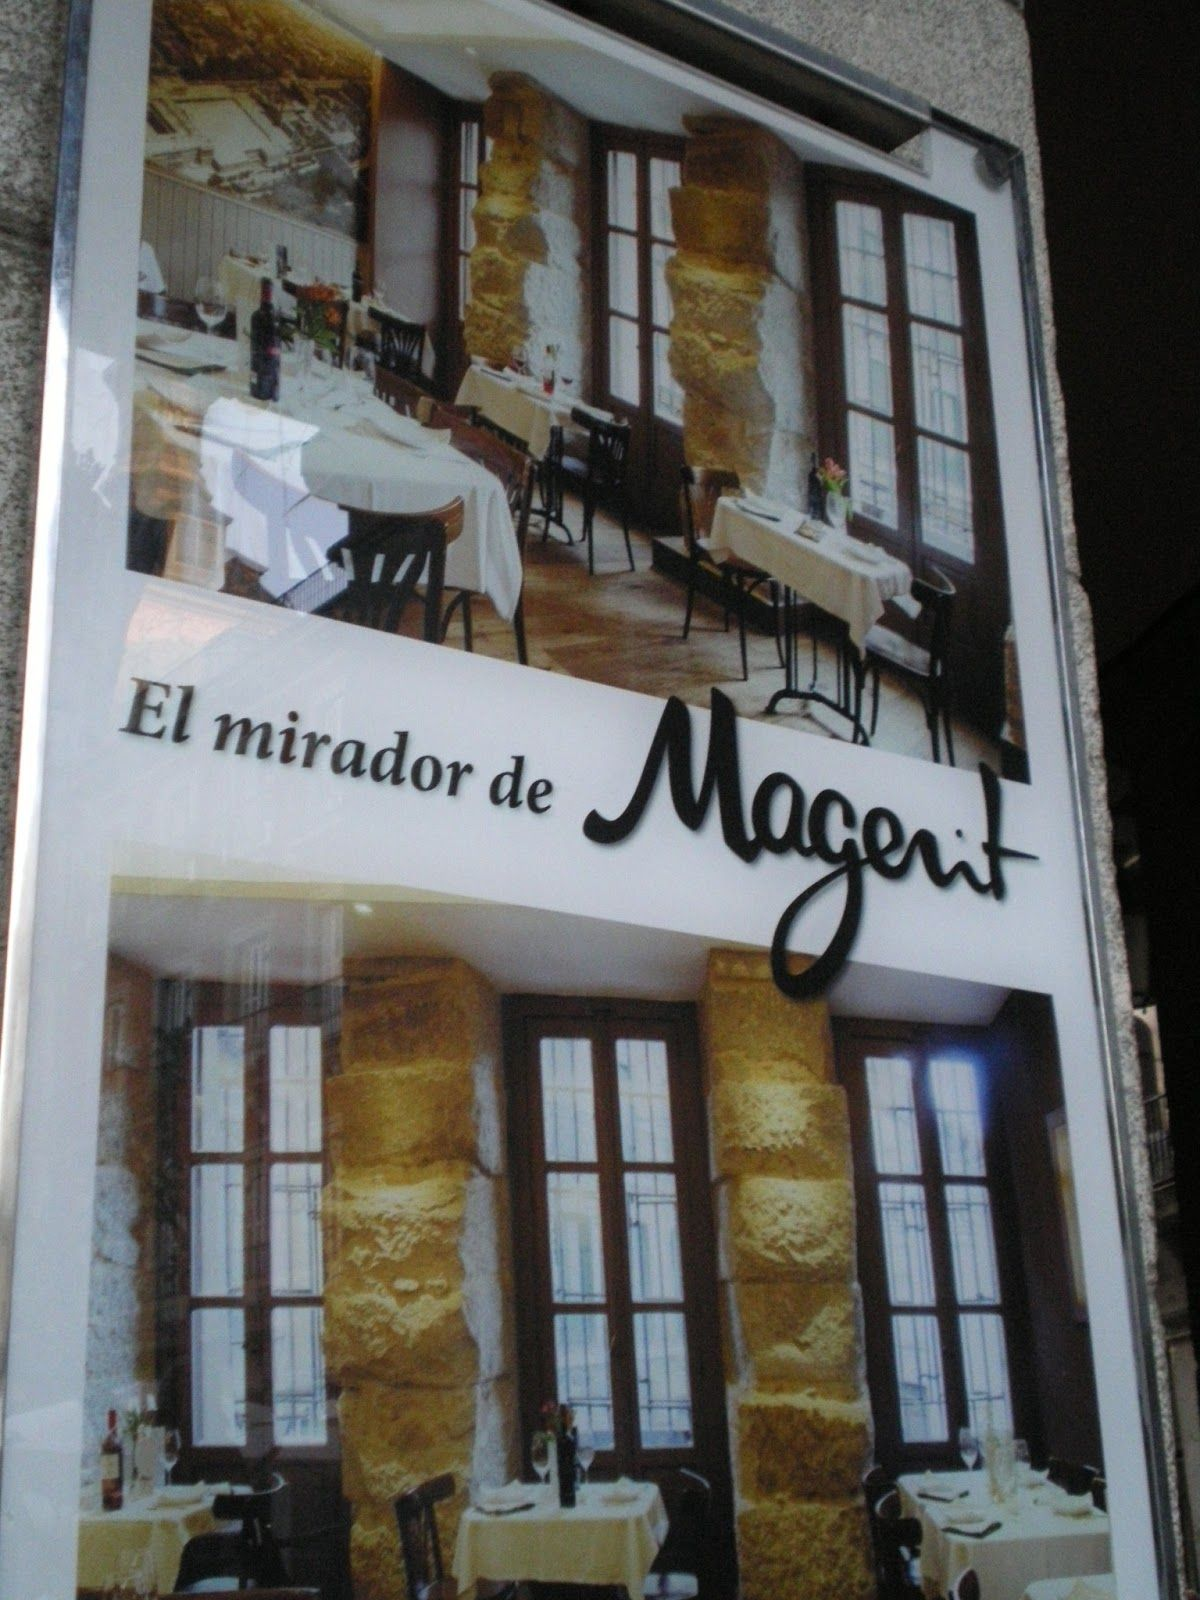 http://palabraspormadrid.blogspot.com.es/2013/08/en-mexico-se-piensa-mucho-en-ti.html